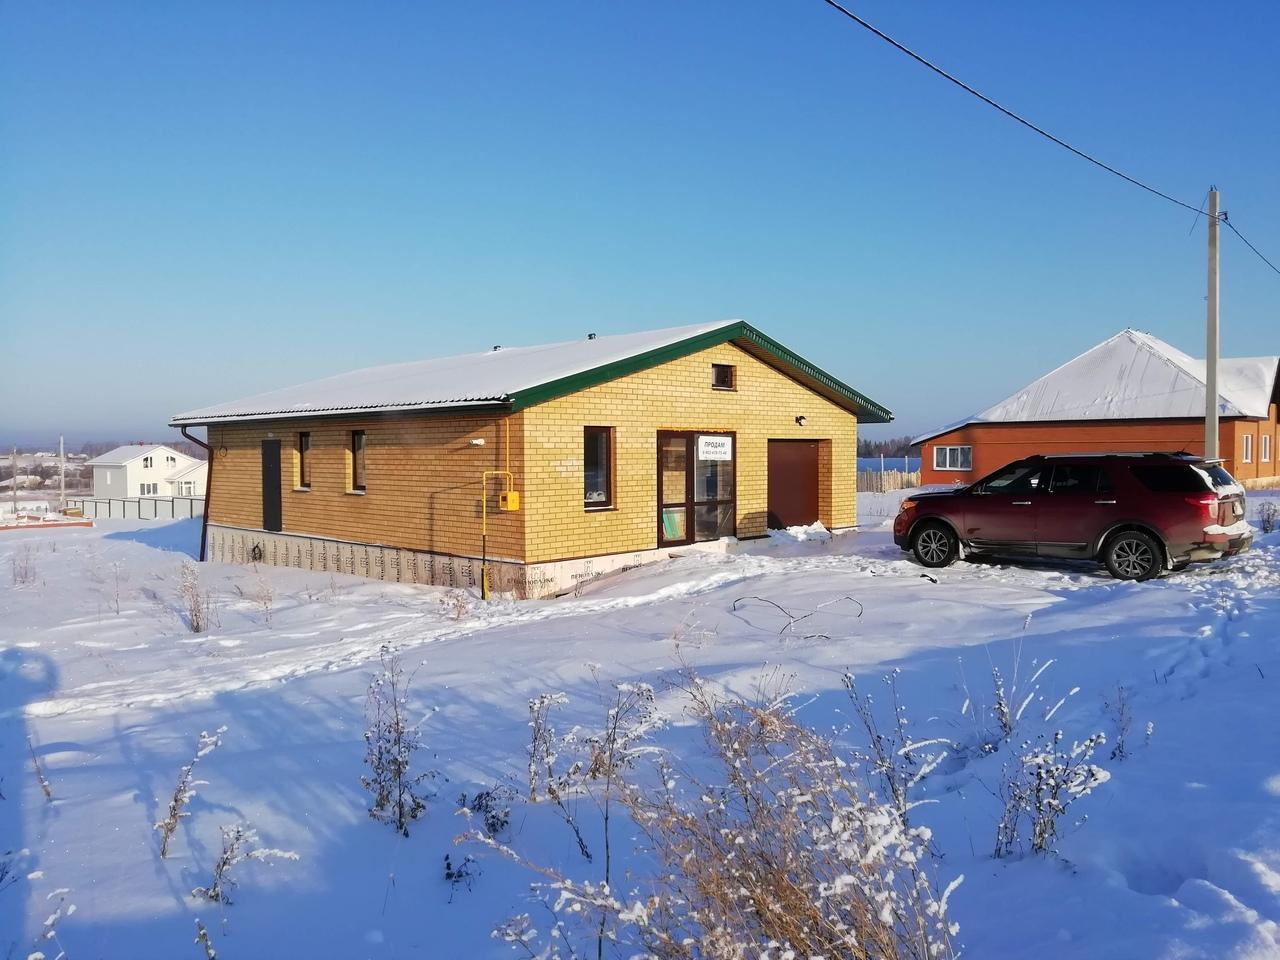 Дом из жёлтого кирпича с зелёной крышей, Посёлок троицкая Слобода, Чайковский, 2018 год